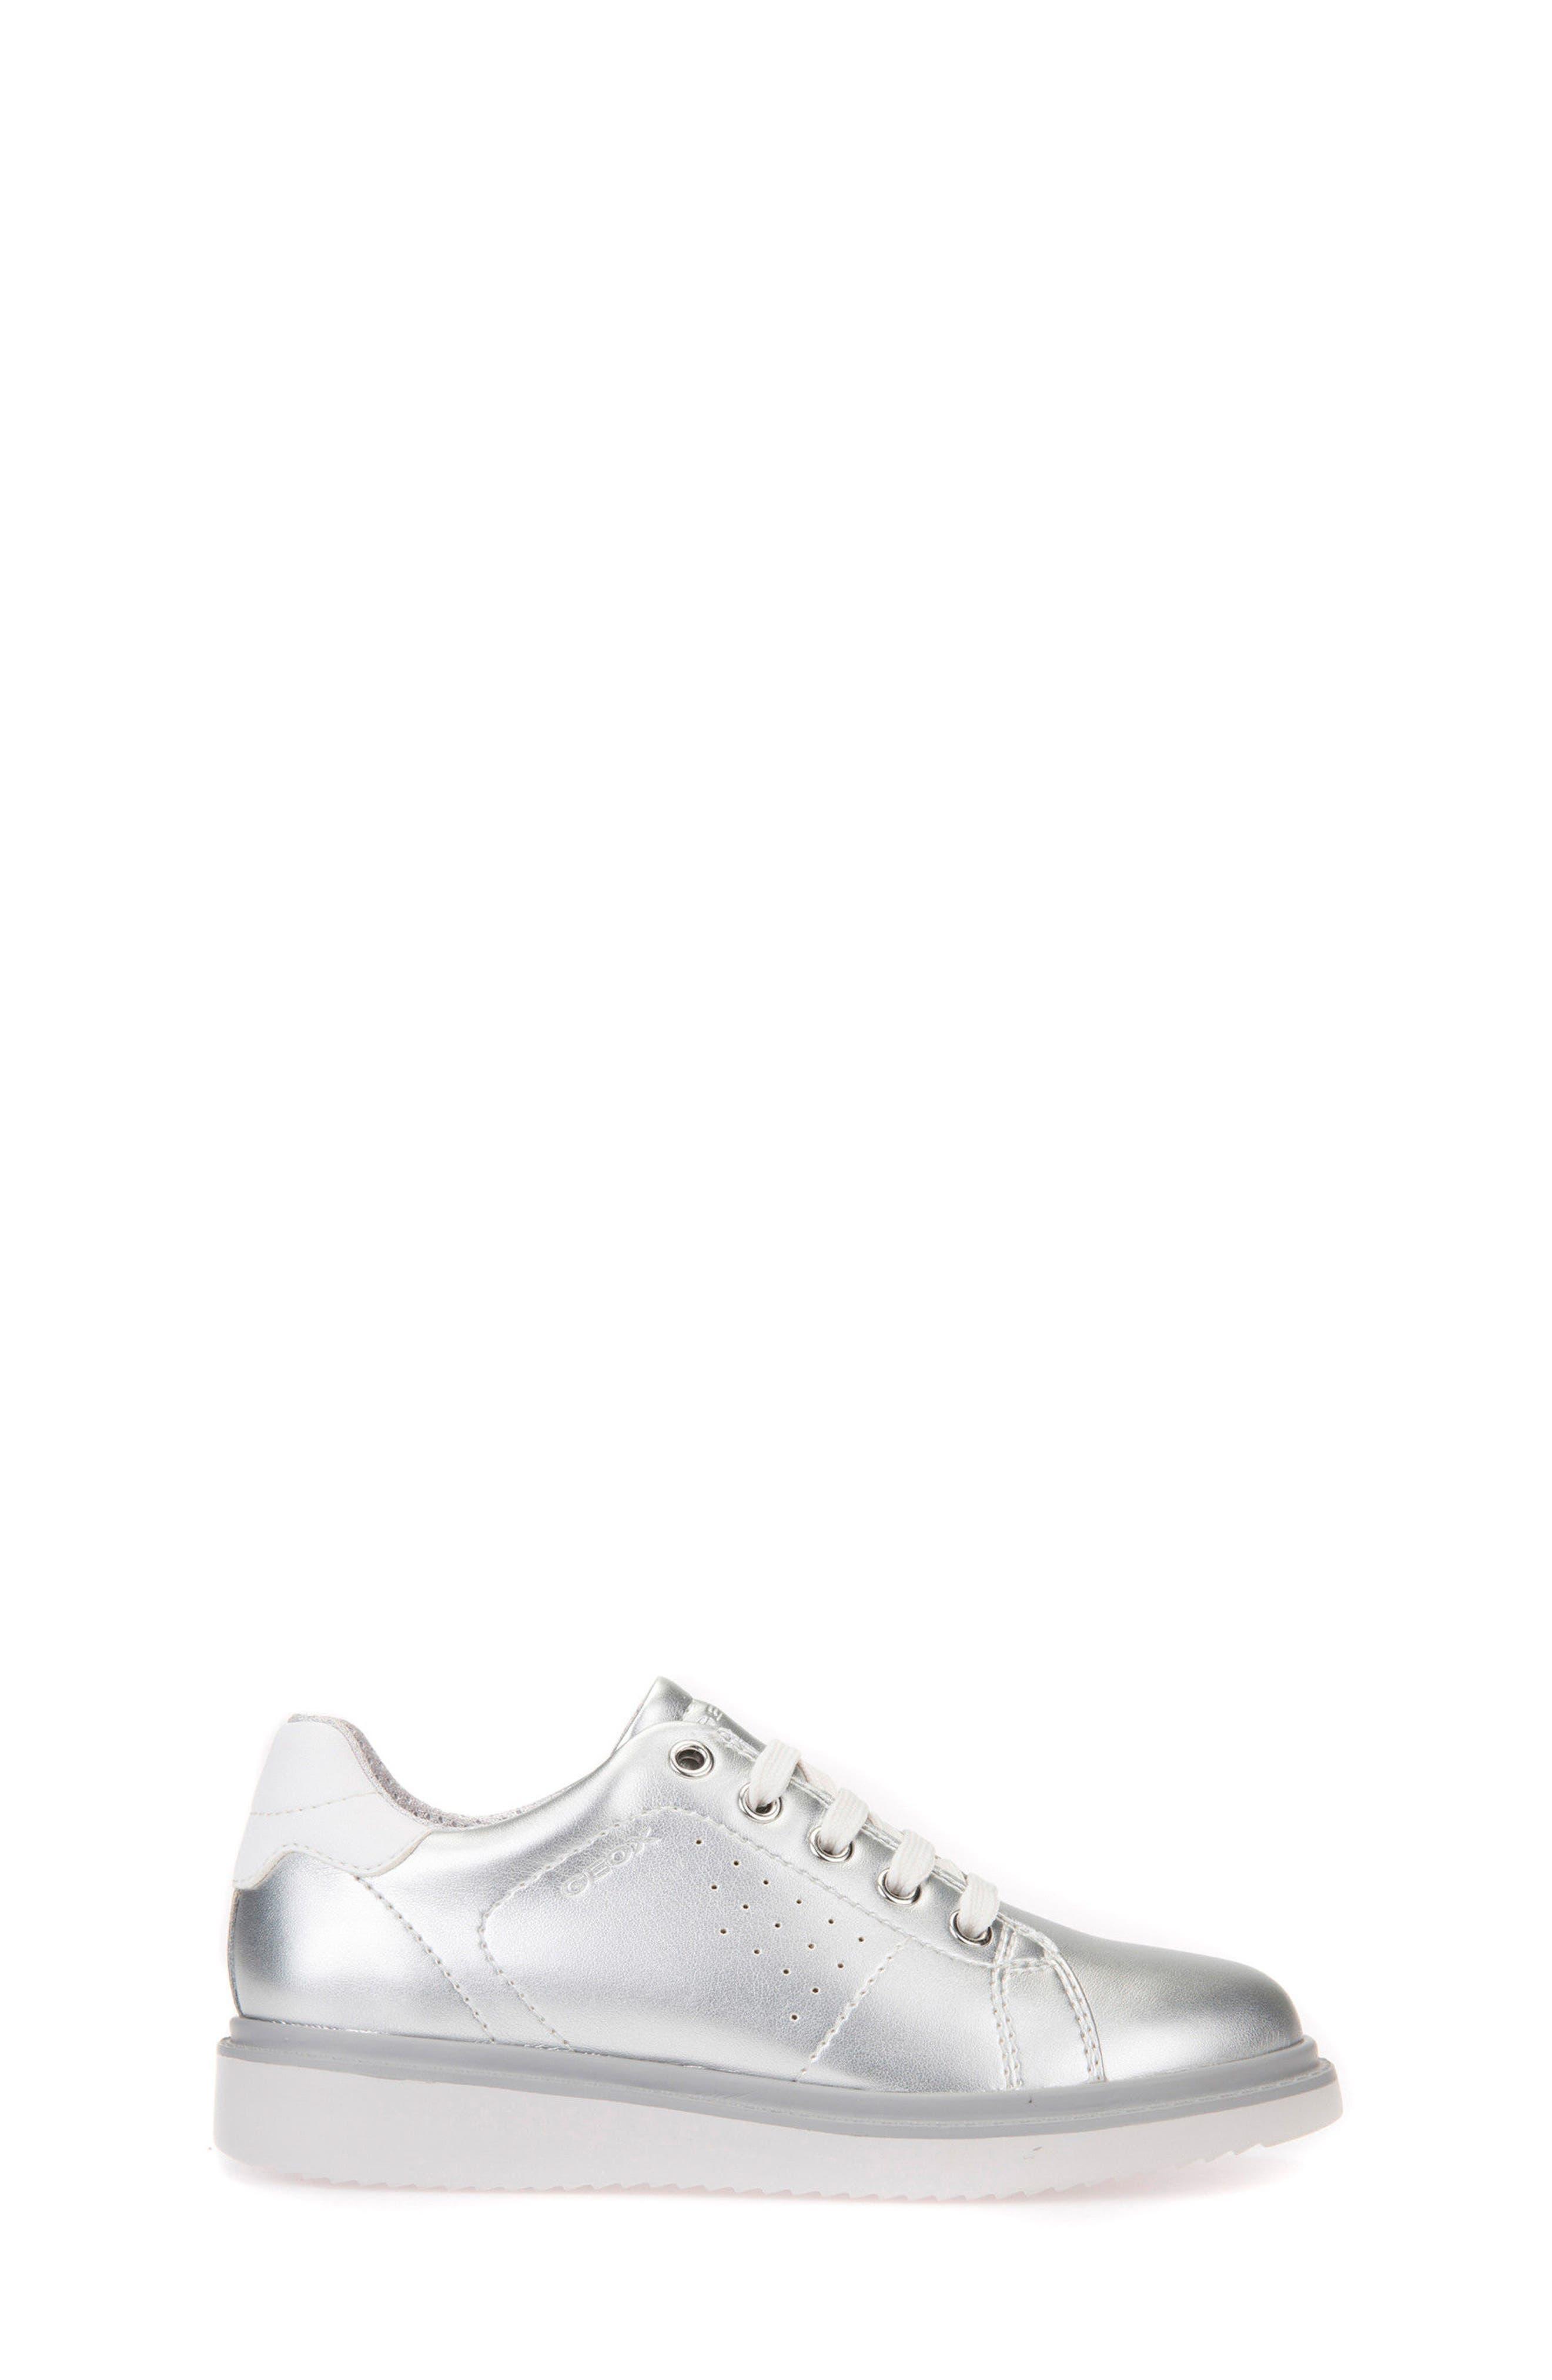 Alternate Image 3  - Geox Thymar Low Top Sneaker (Toddler, Little Kid & Big Kid)